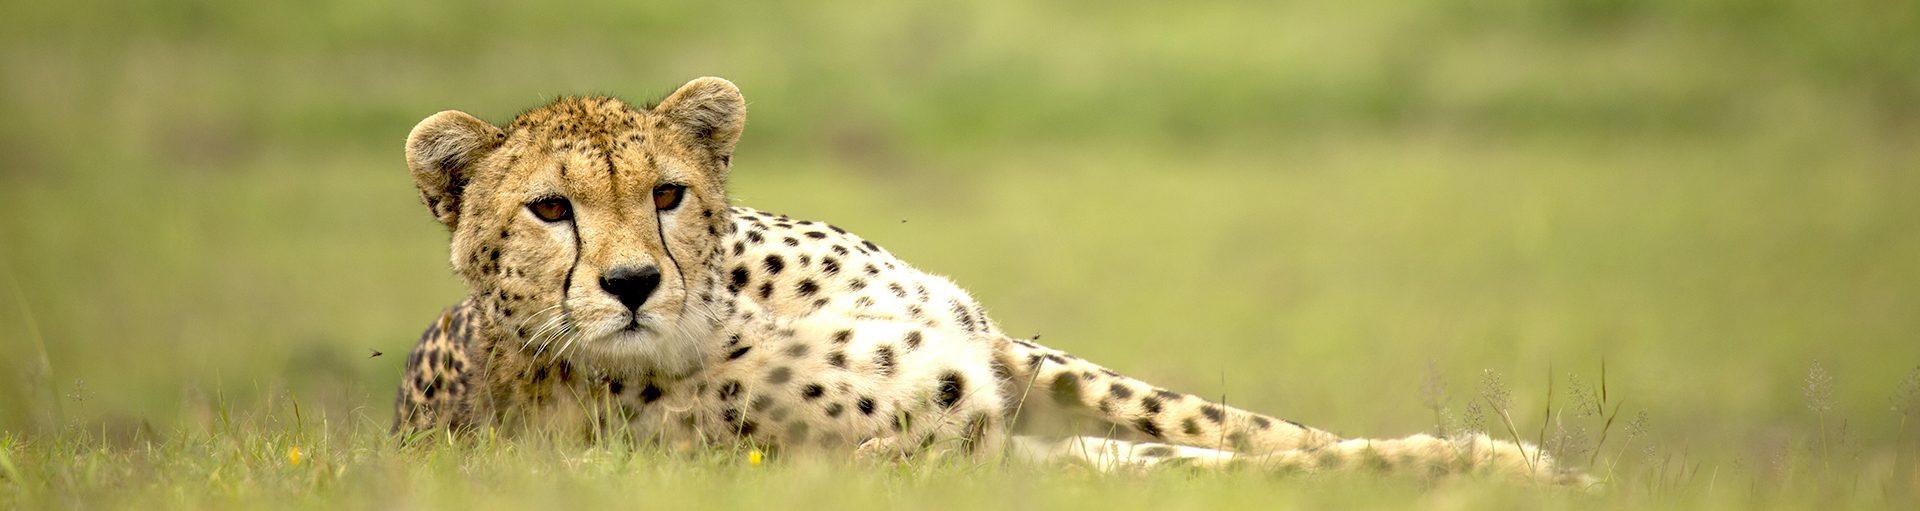 Serengeti @ John Moller